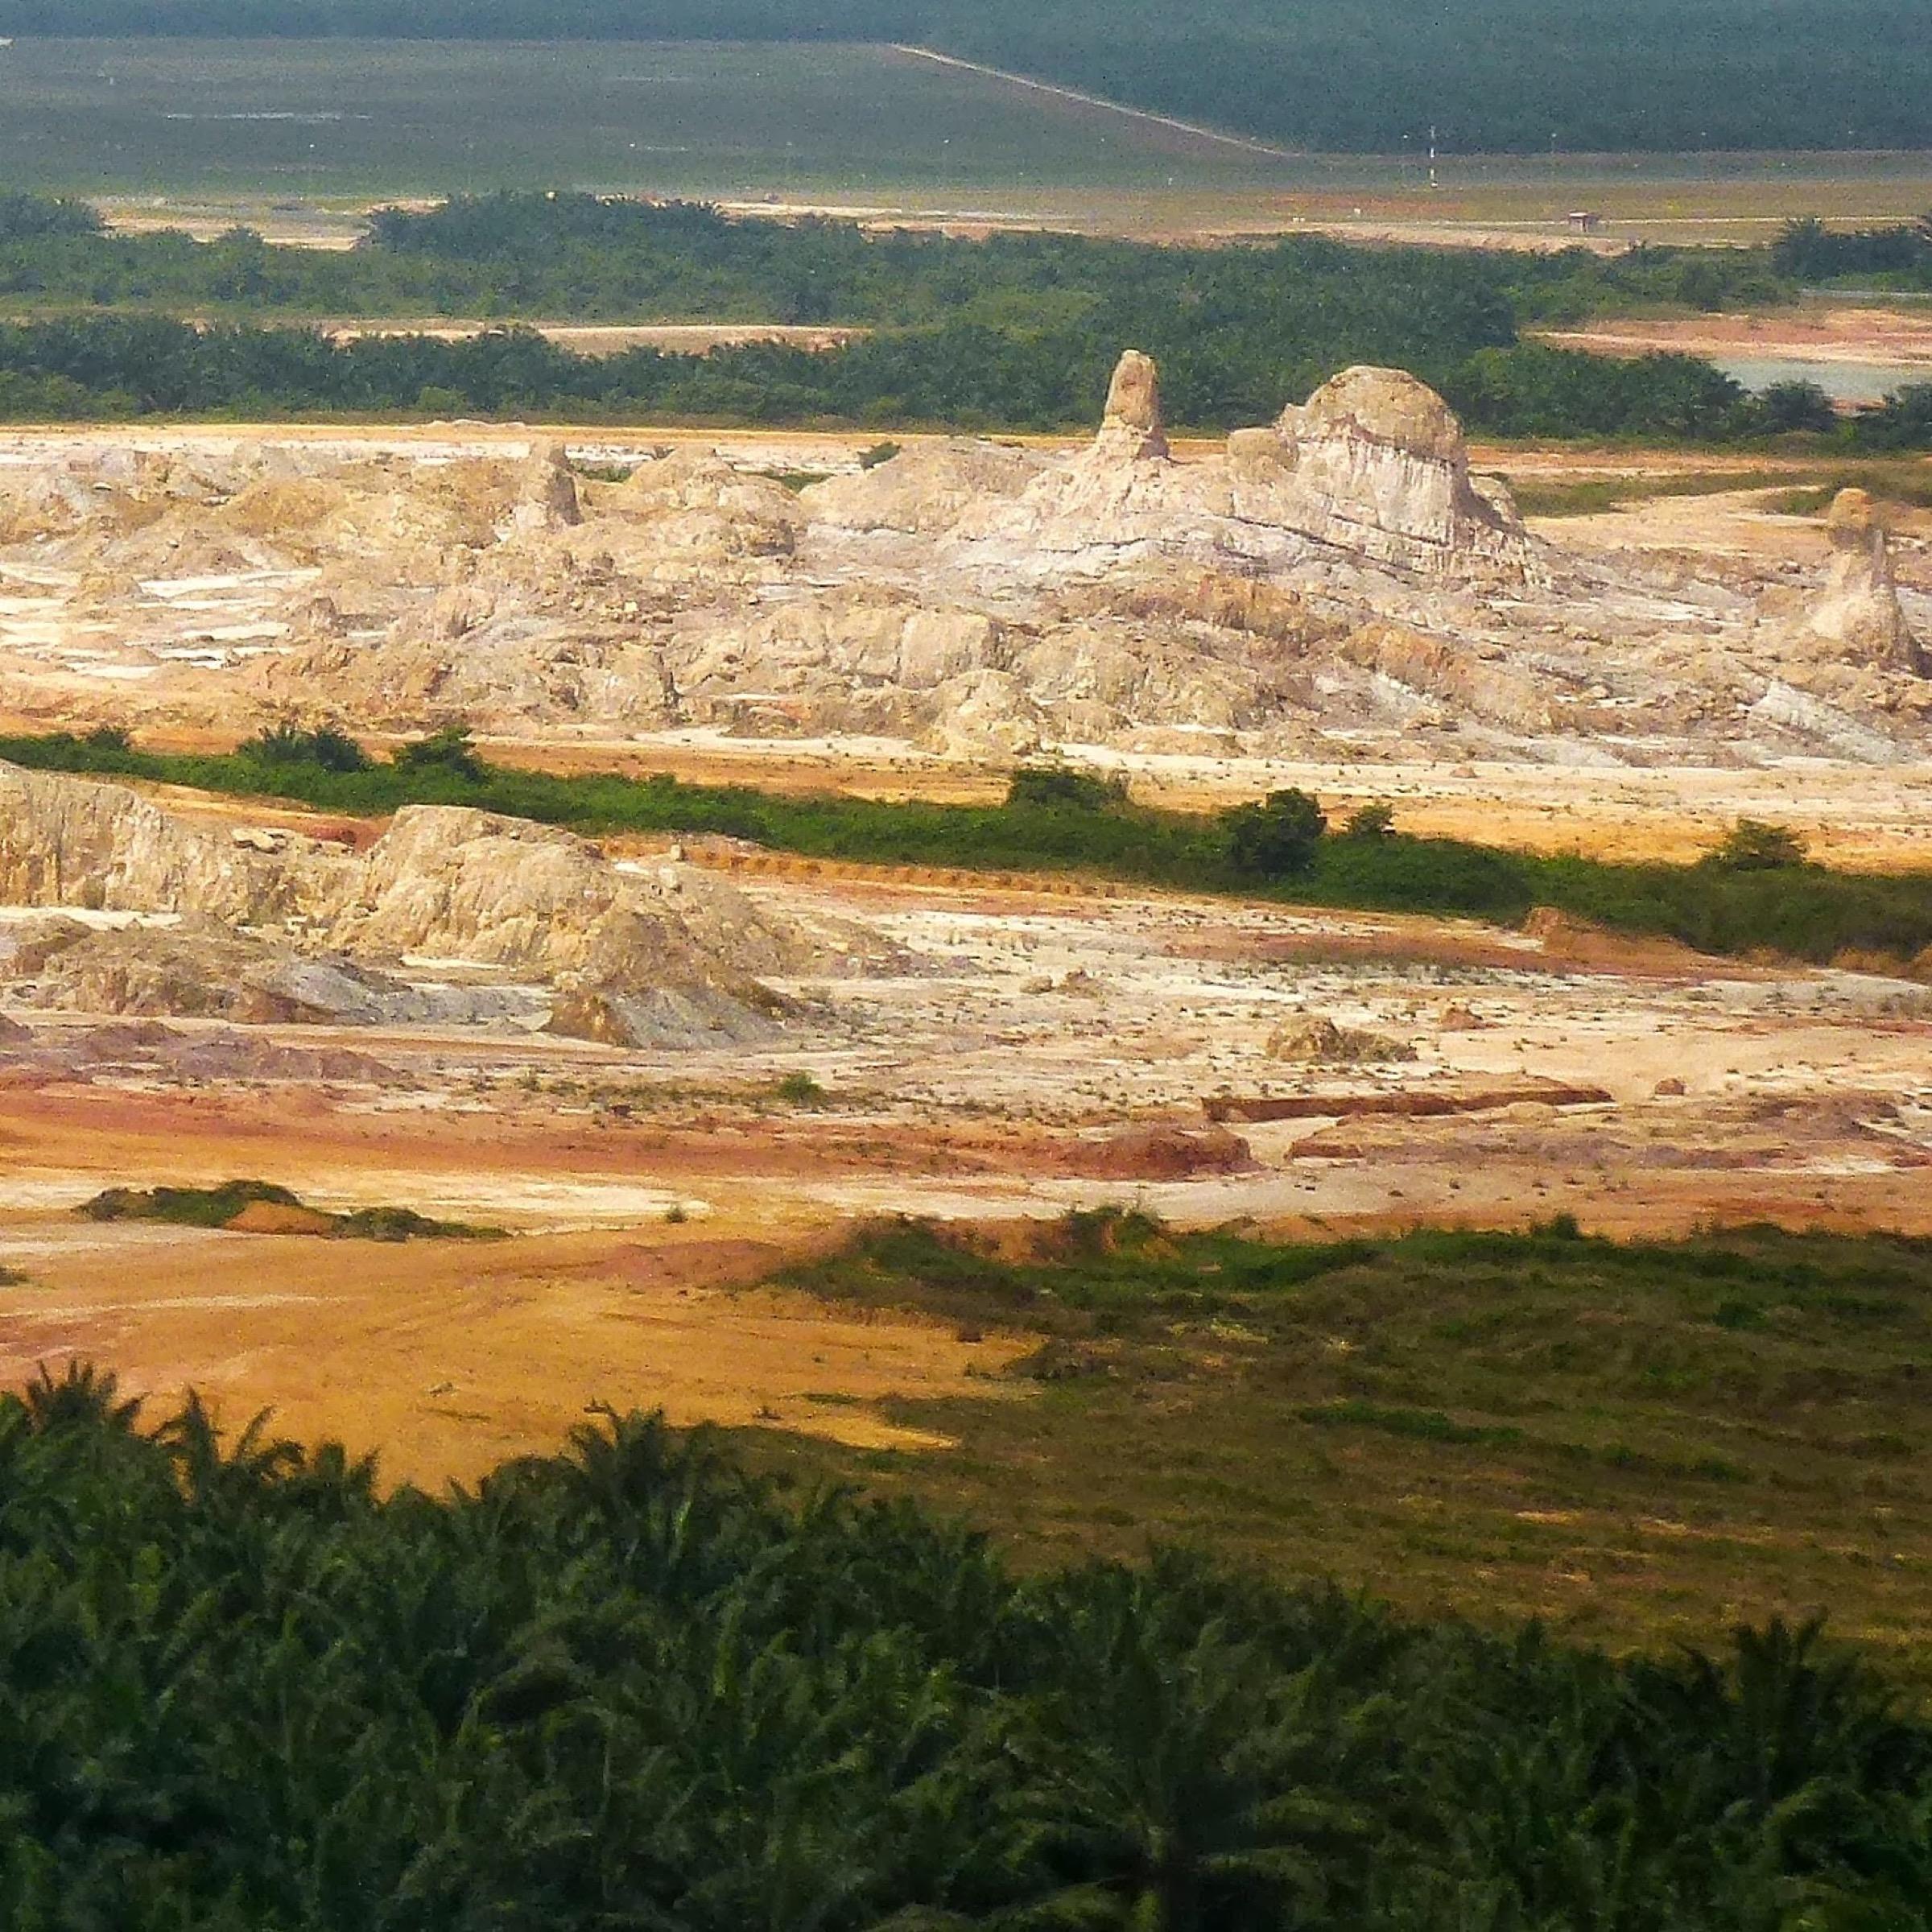 Bukit Pelandok Pig Farming Area. Malaysia, Selangor, Sungai Pelek